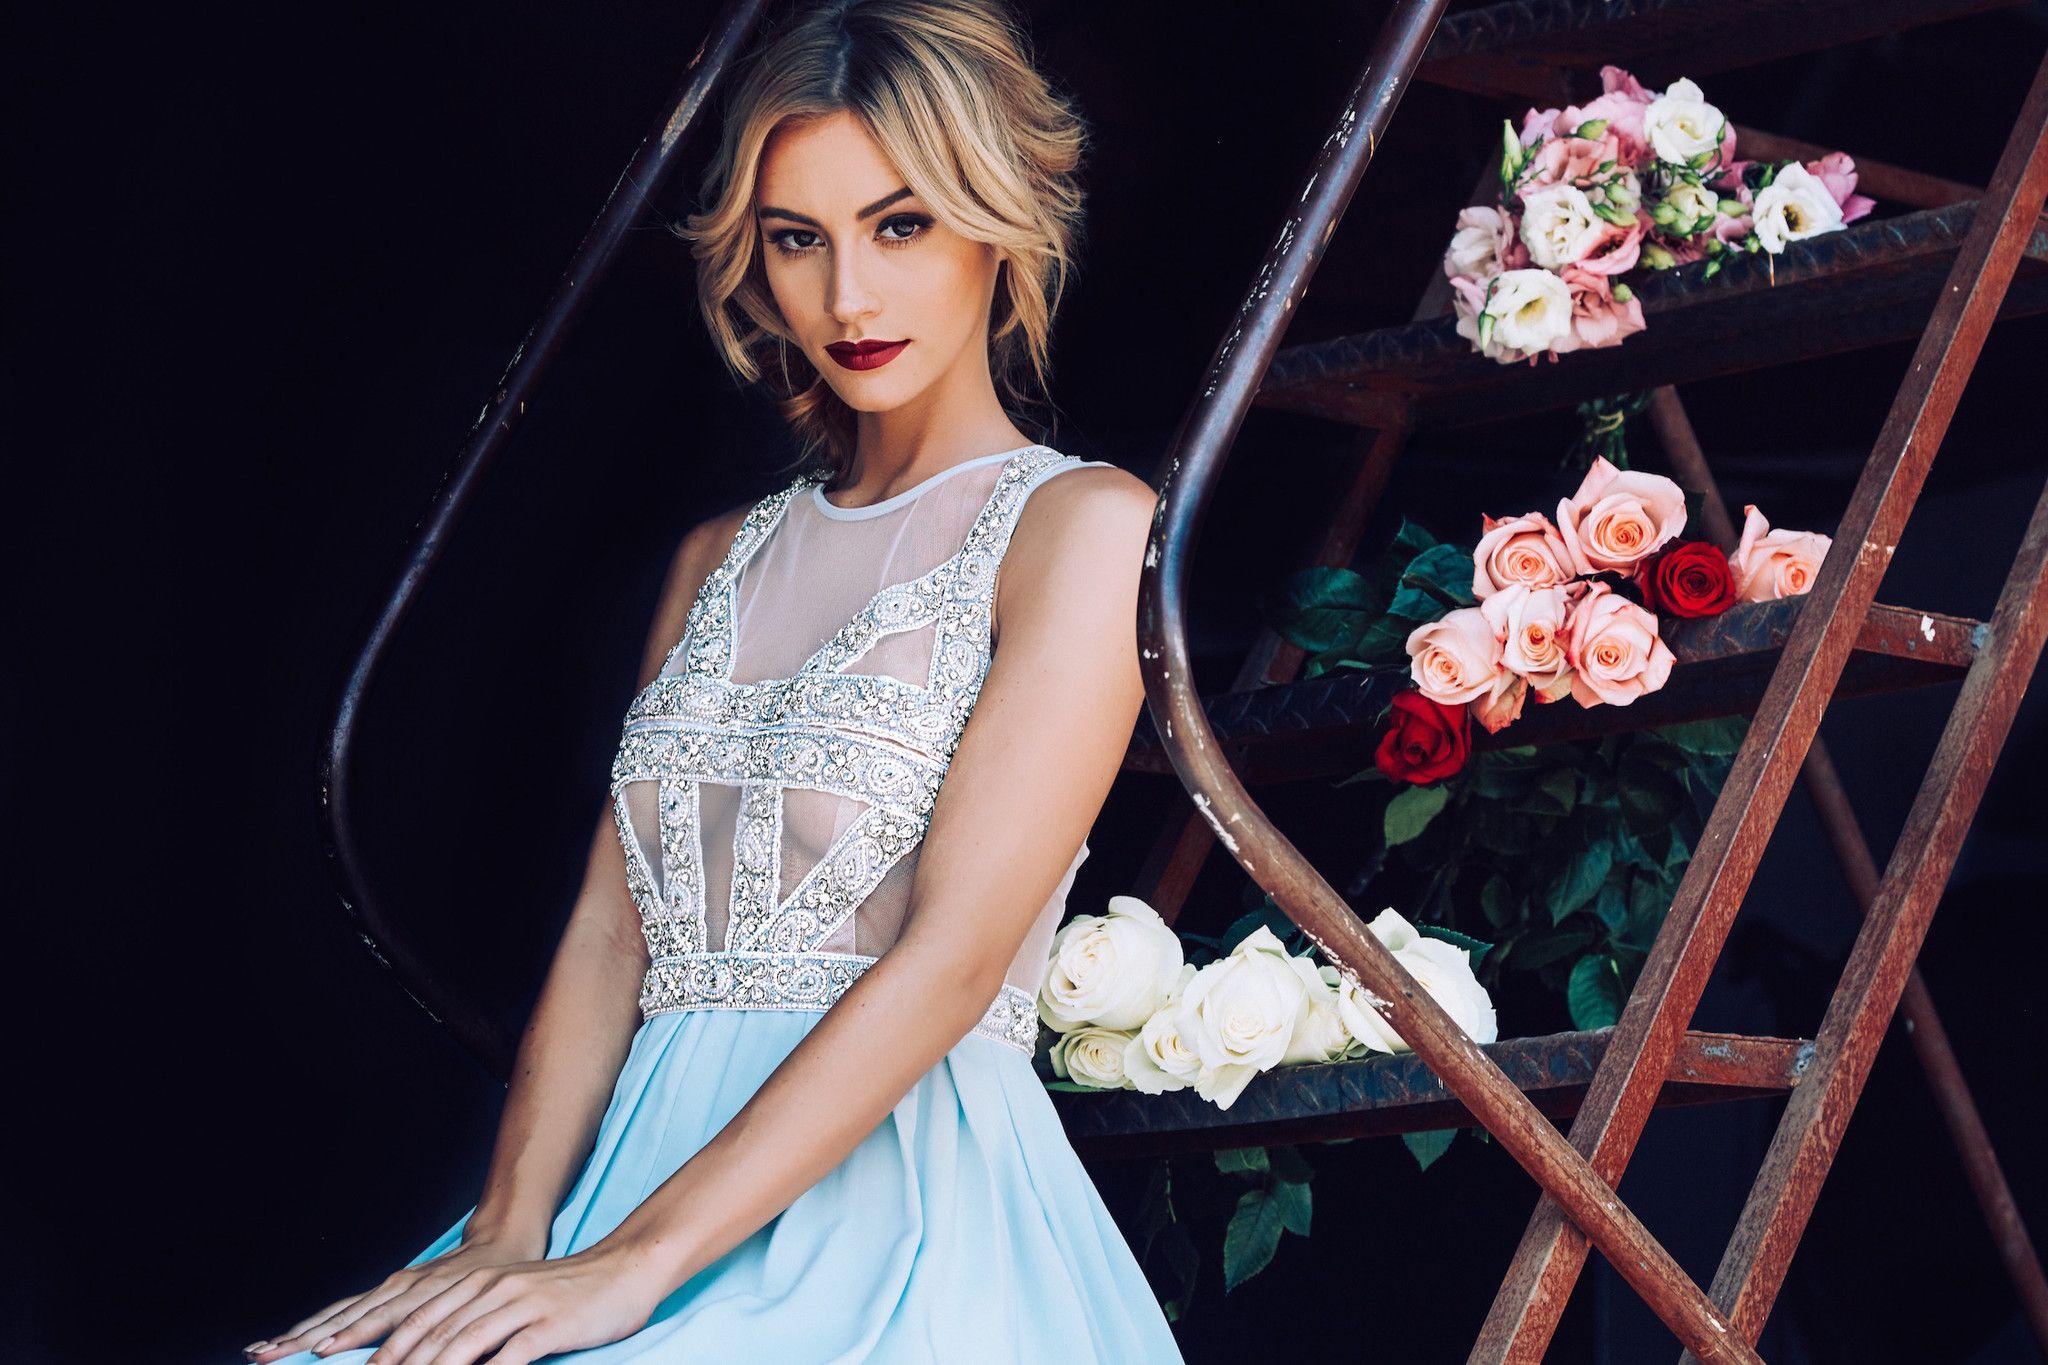 blue wedding dress - Lurelly Bridal Wedding Dress | fabmood.com